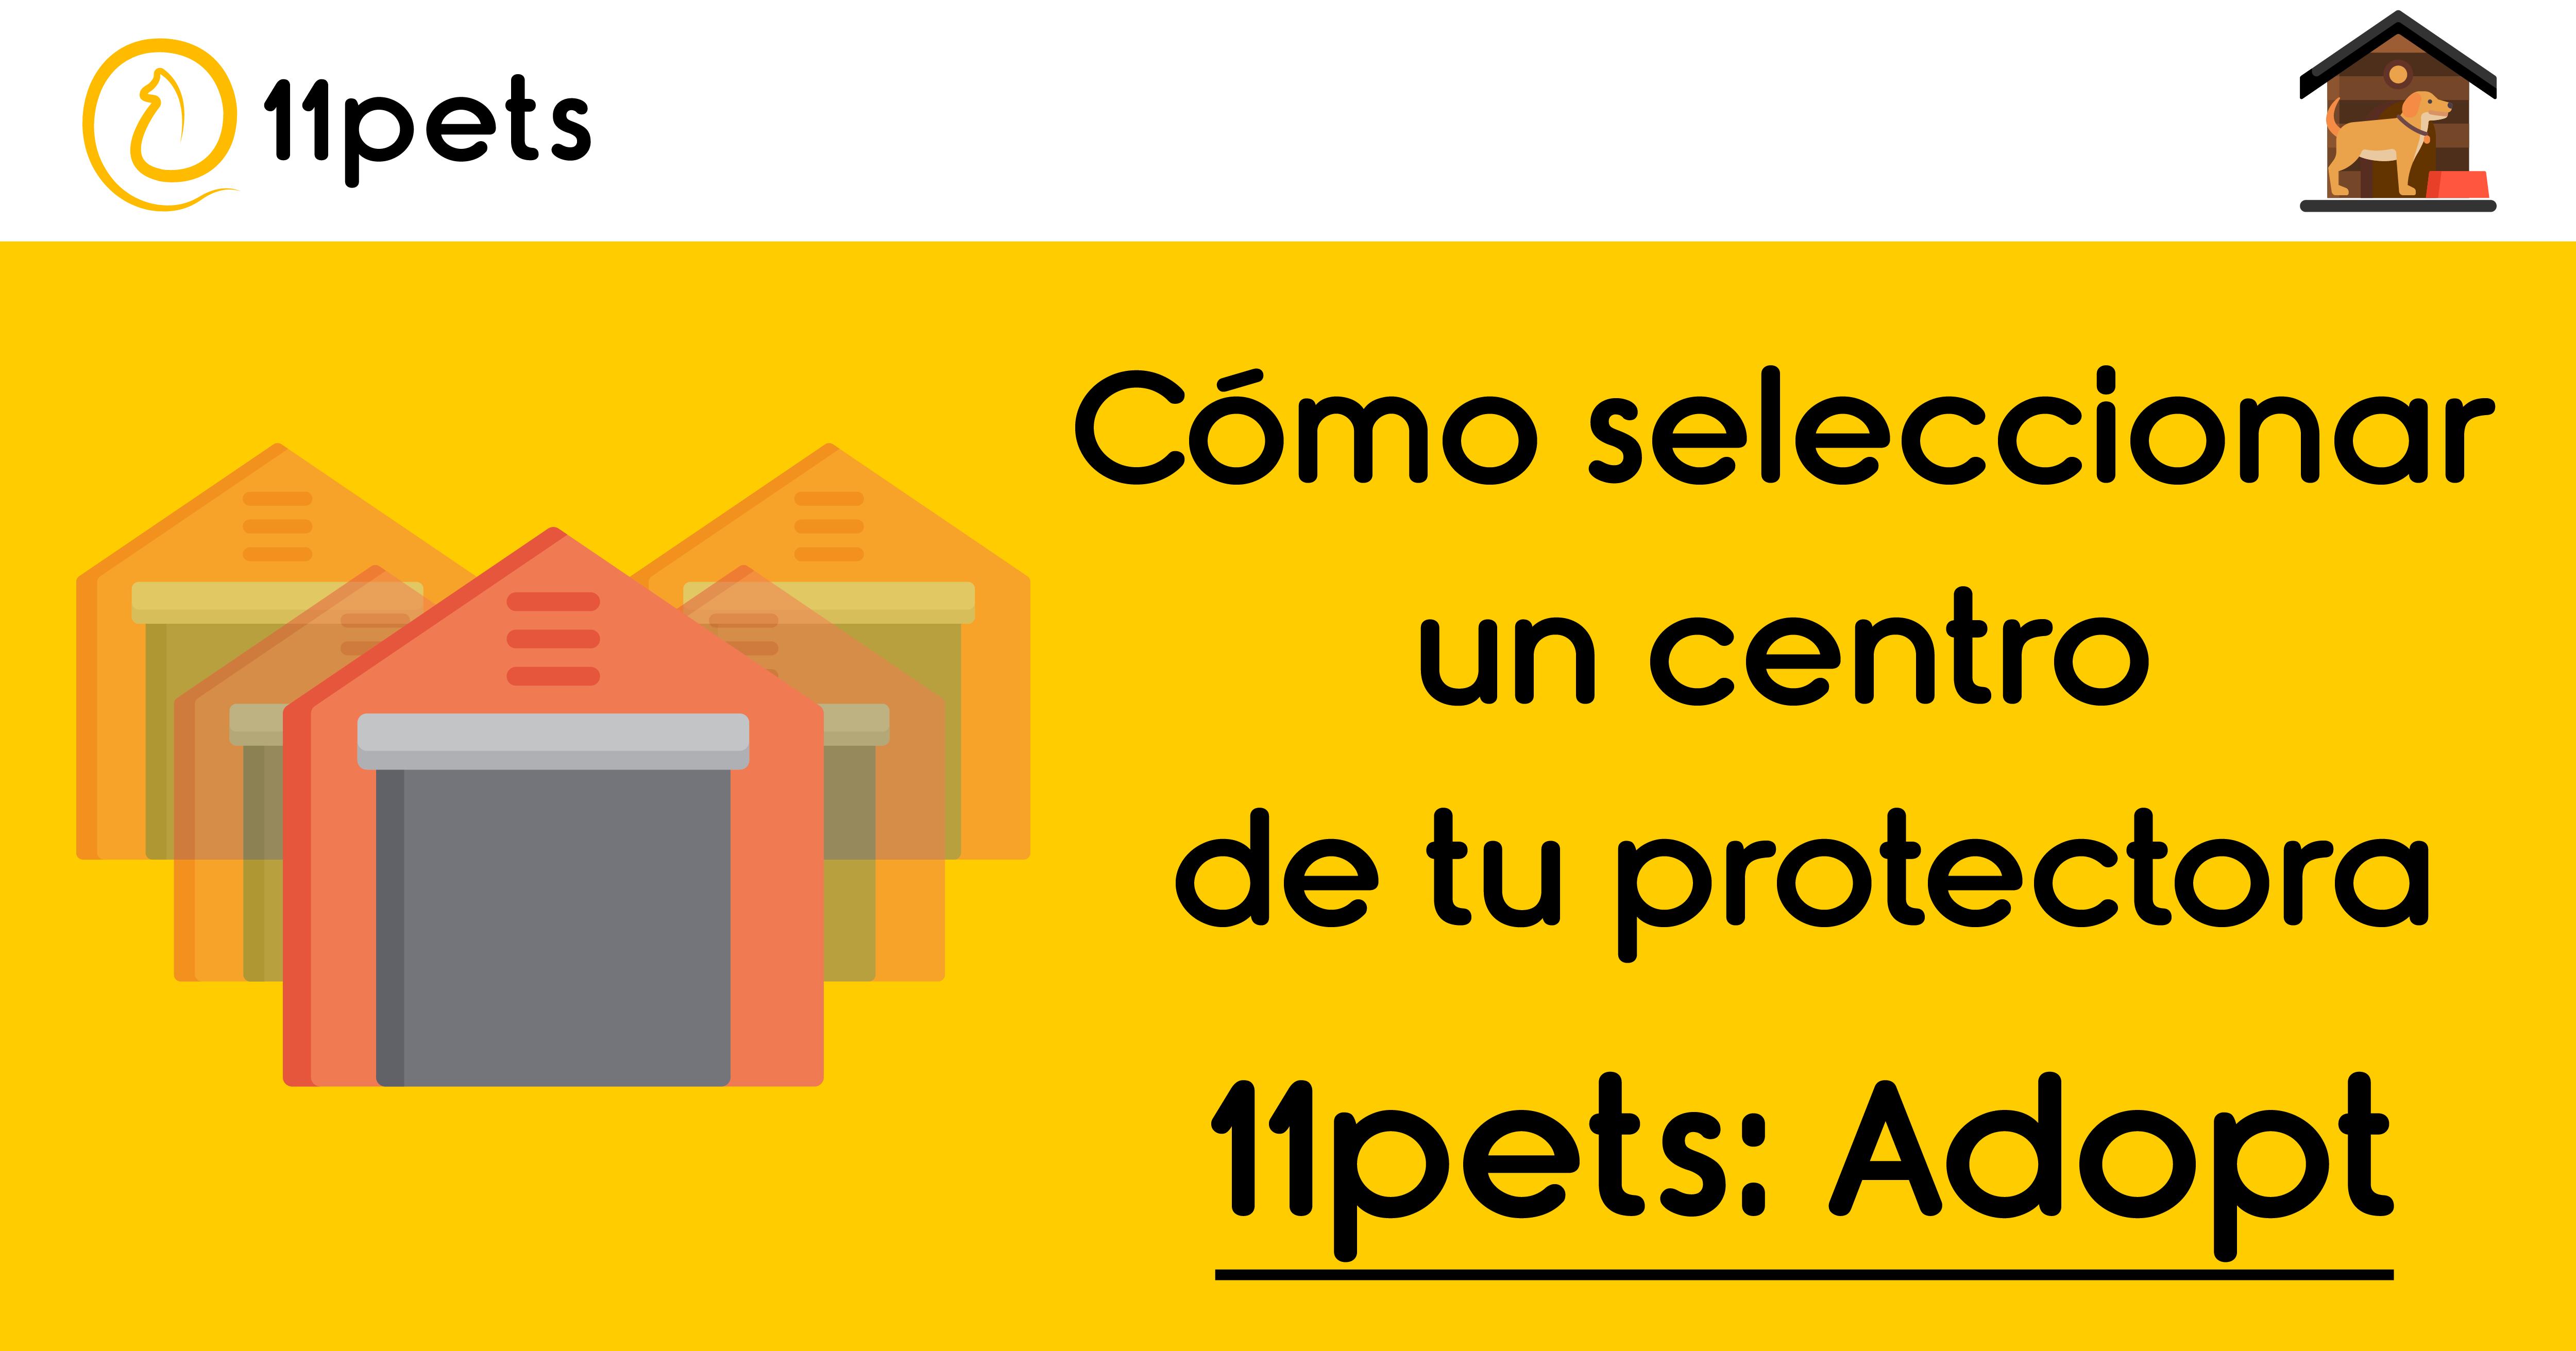 11pets: Adopt - Cómo seleccionar un centro de tu protectora